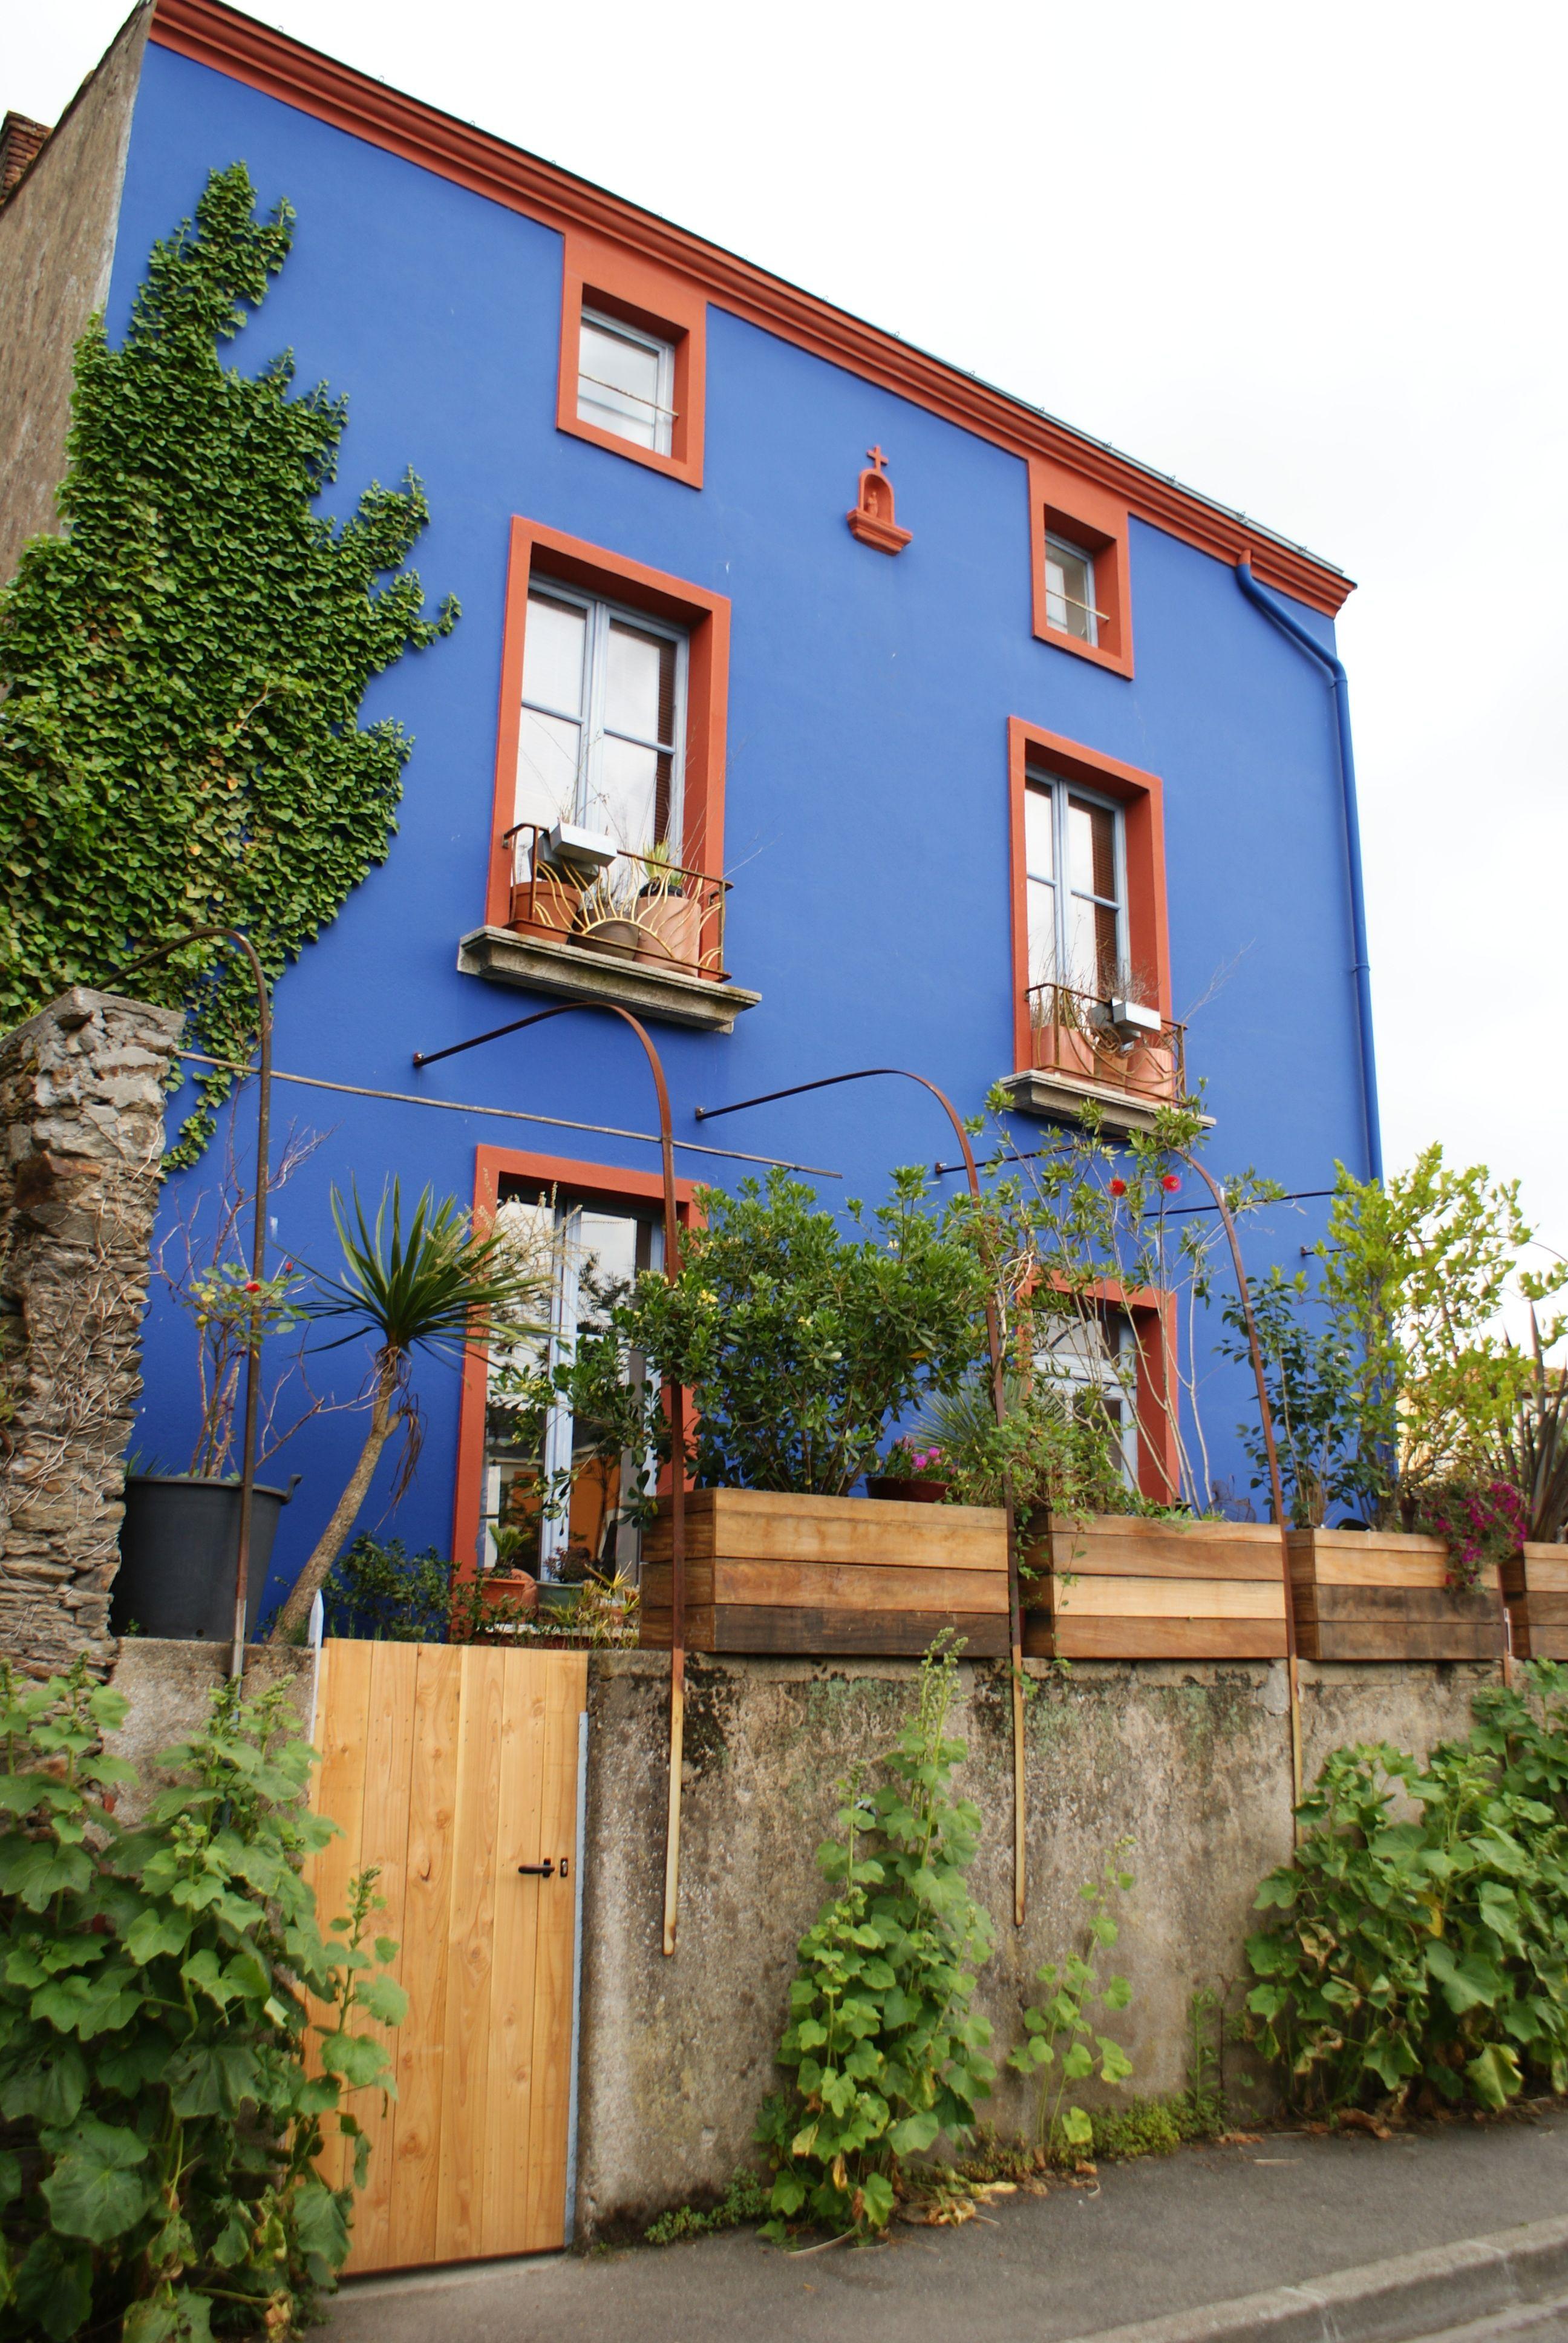 Les Maisons Colorees De Trentemoult Maisons Colorees Nantes Ville Facade Maison